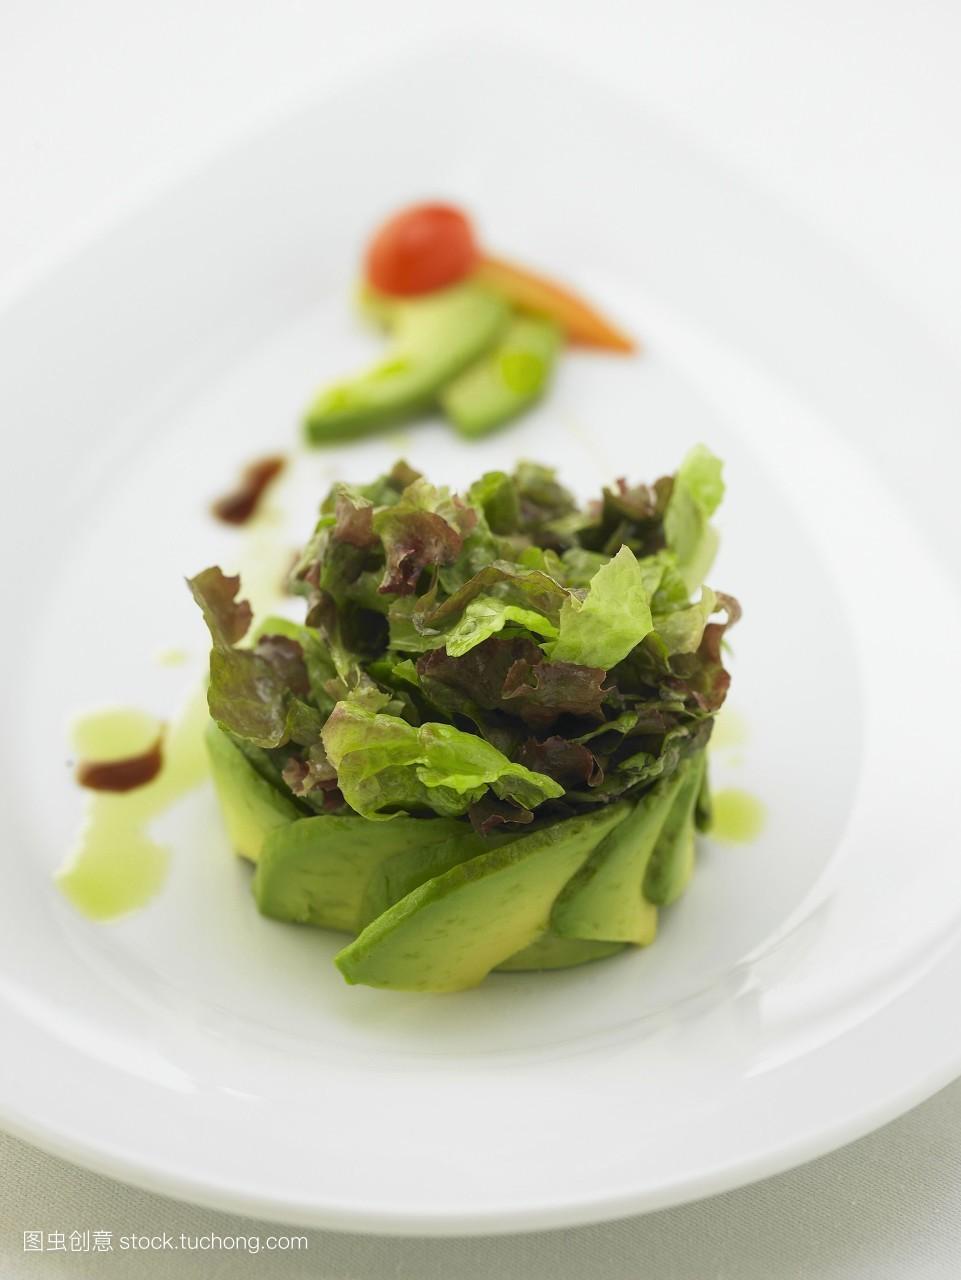 果蔬,对焦,妥贴,妥当,准备,配方,营养,可以食用的,素菜,器皿,沙拉,失图片